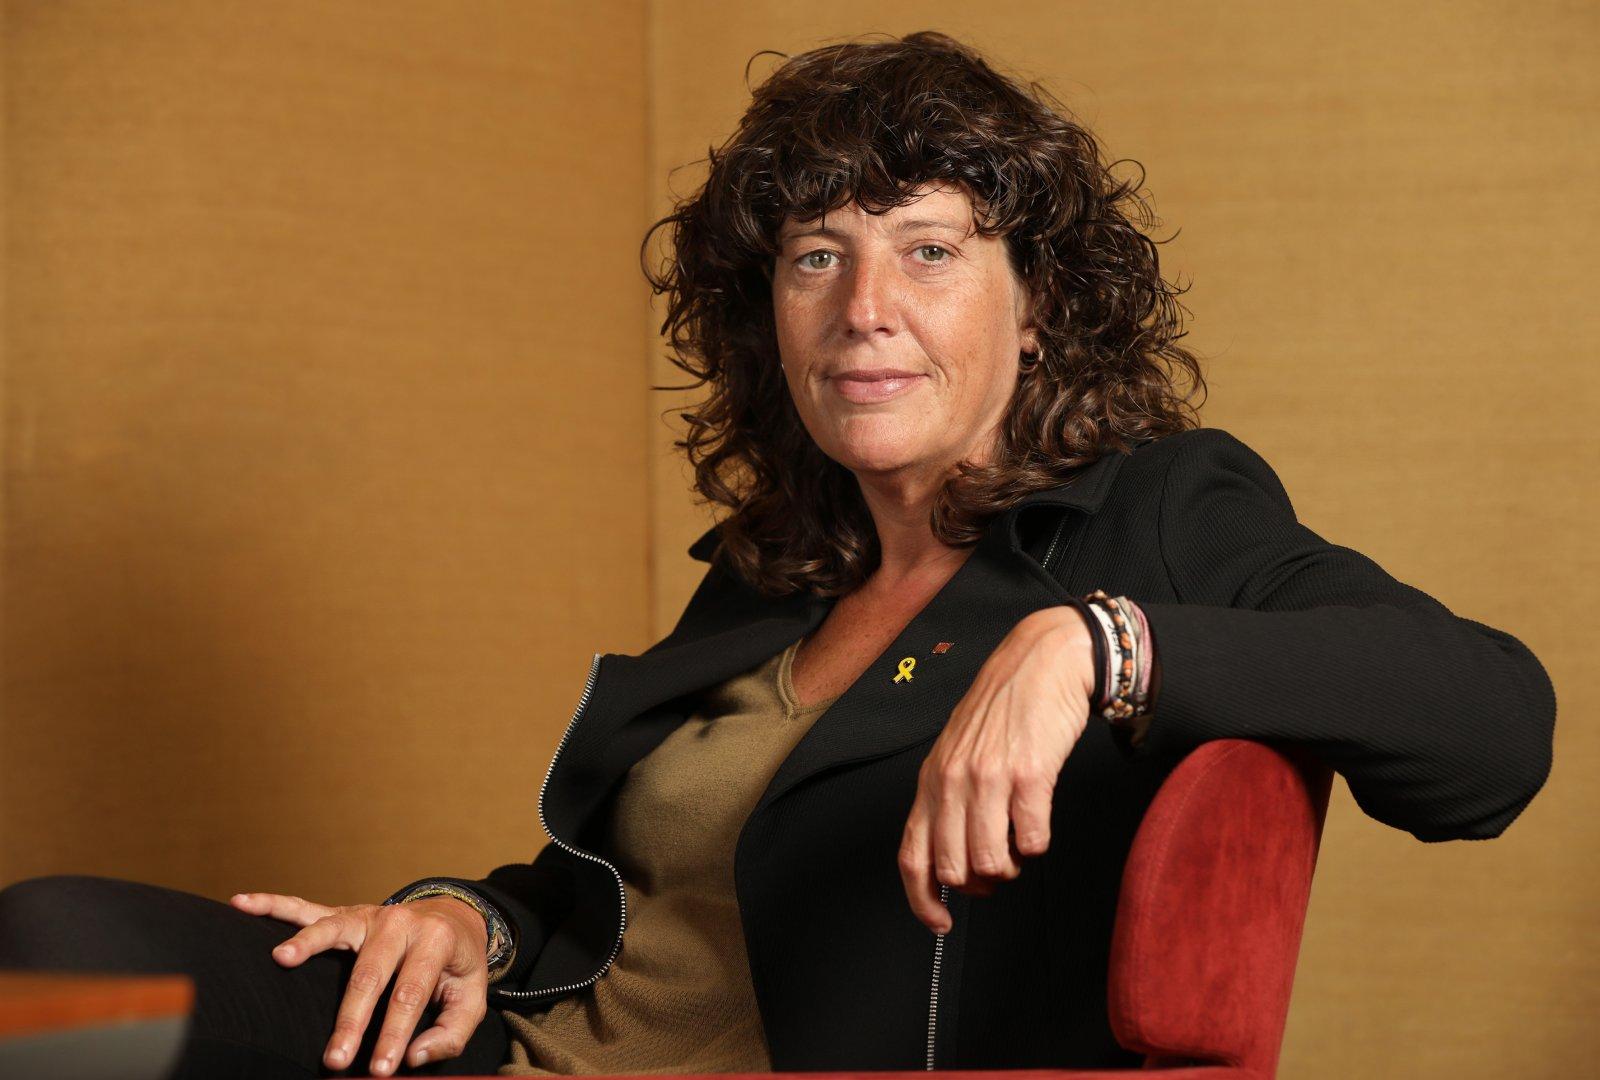 La consellera d'Agricultura, Ramaderia, Pesca i Alimentació, Teresa Jordà, en una imatge d'arxiu   Jordi Play